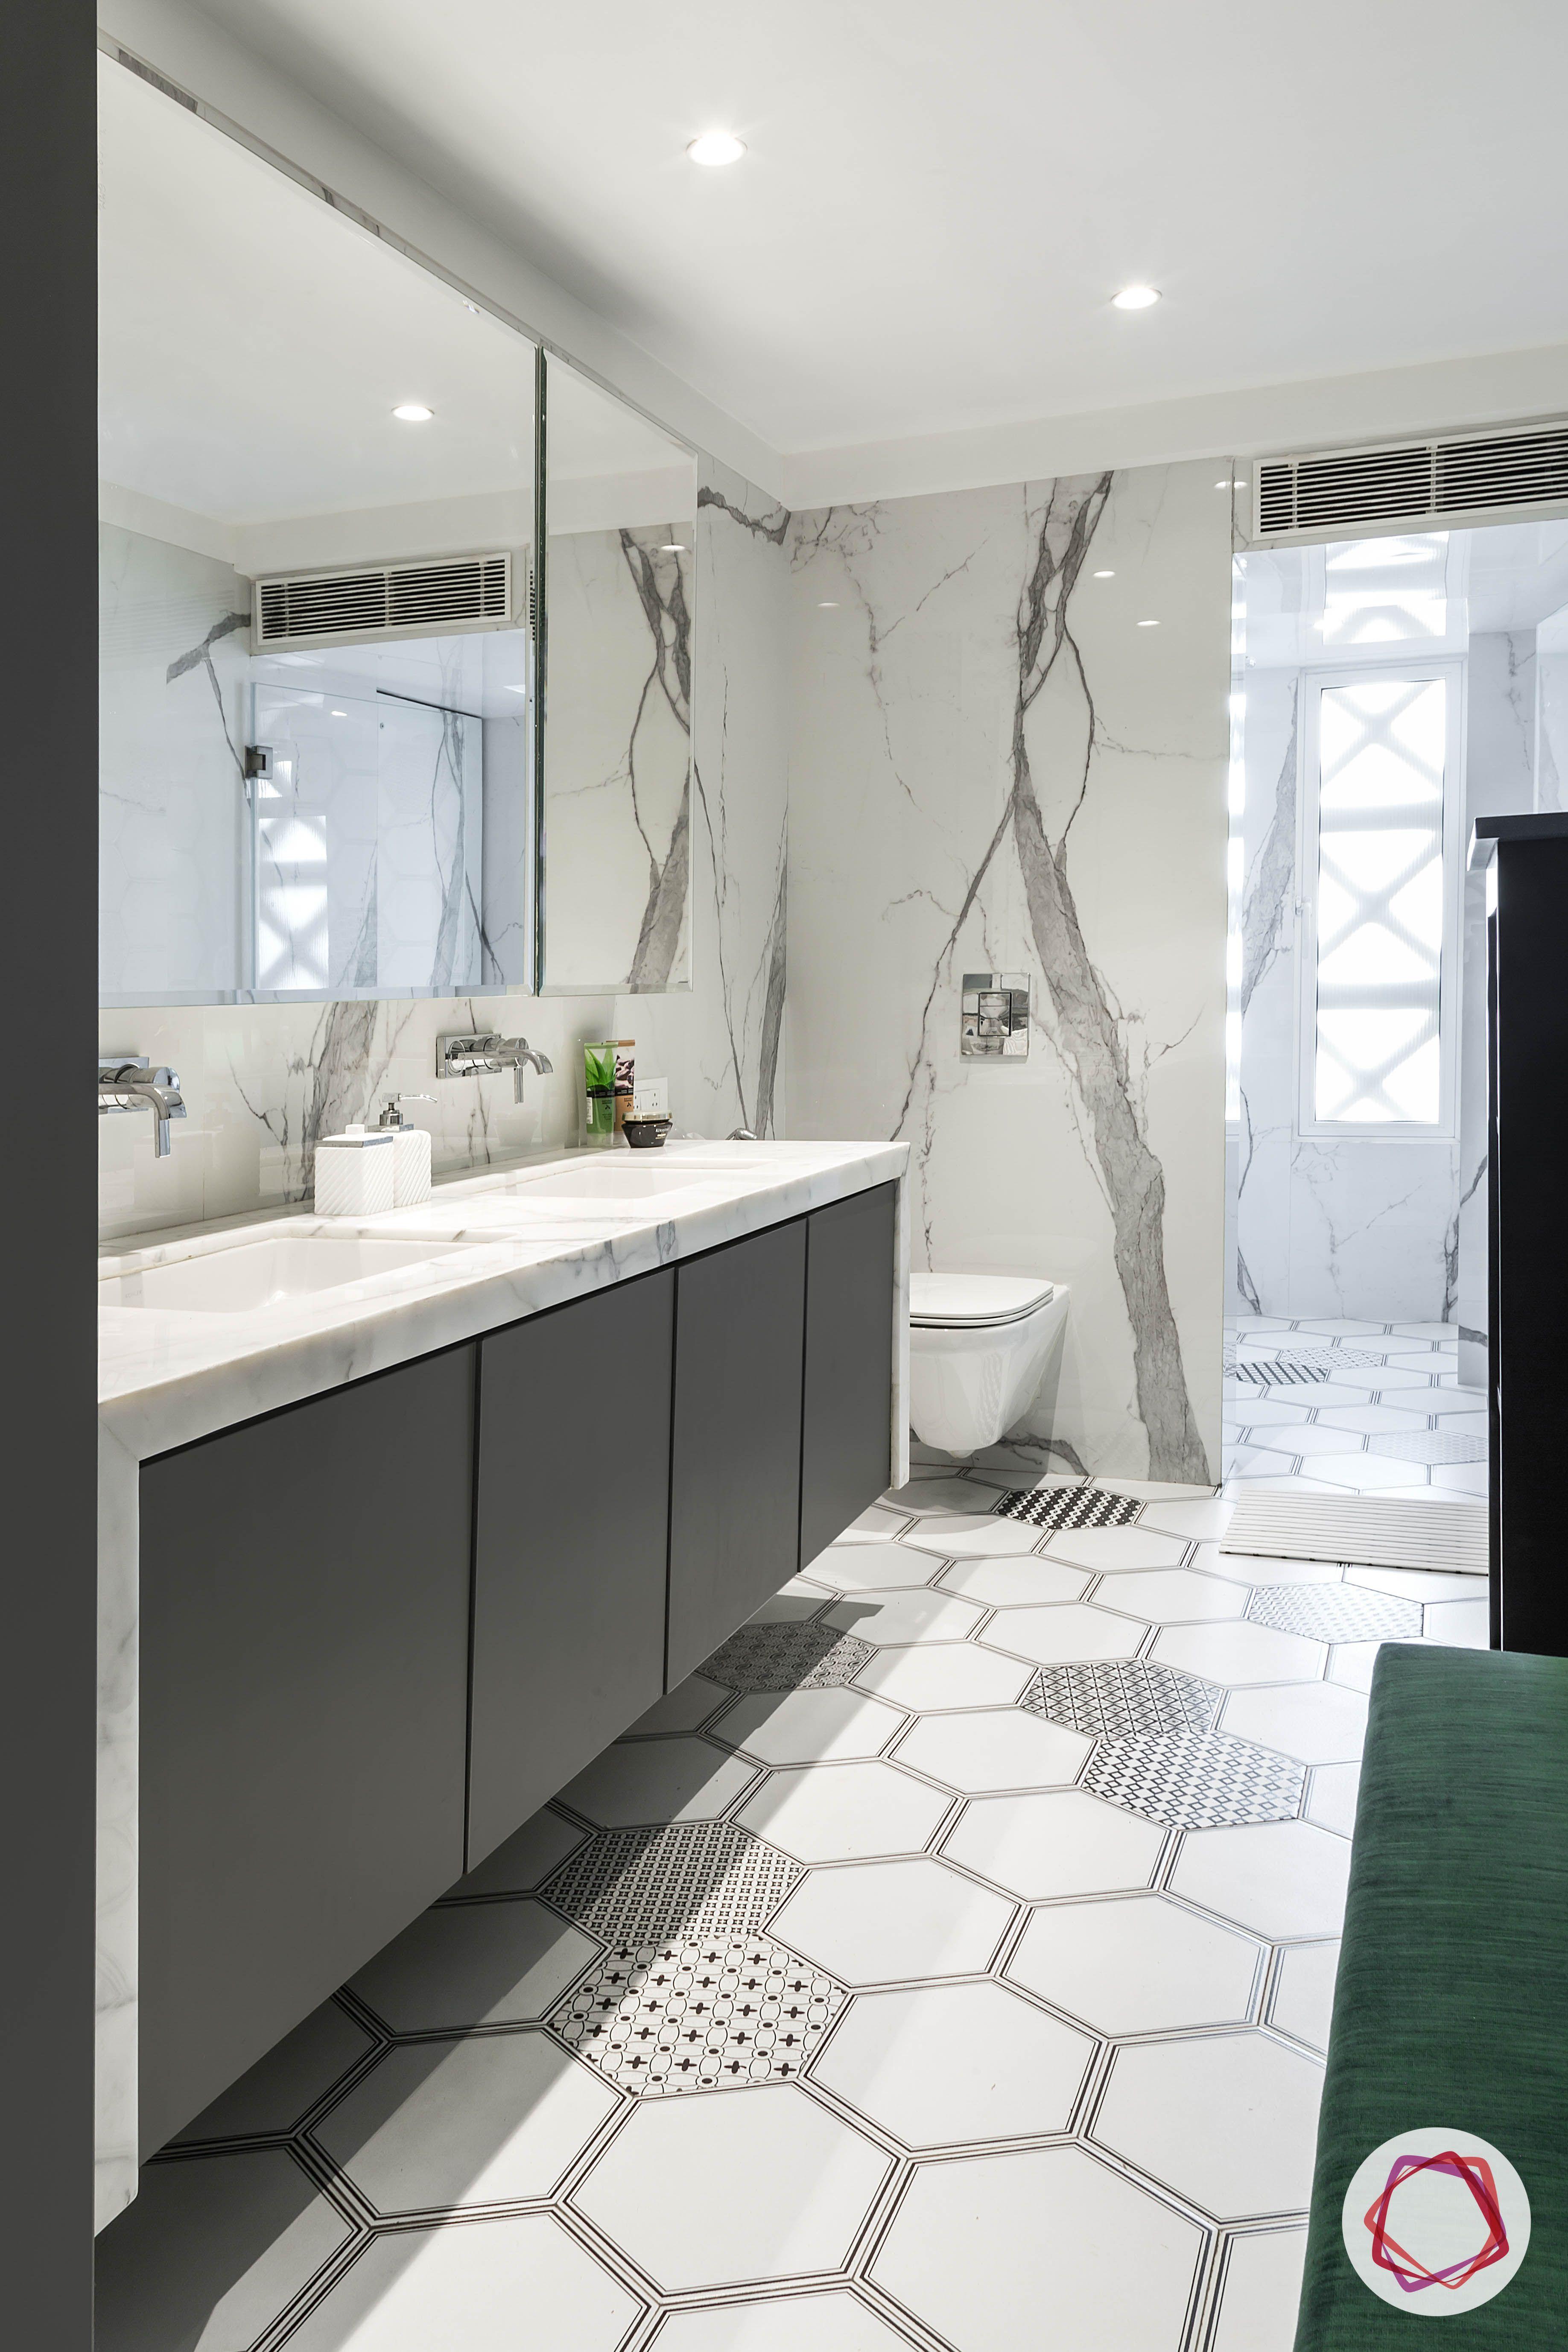 condo-interior-design-hexagonal-tiles-bathroom-grey-mirror